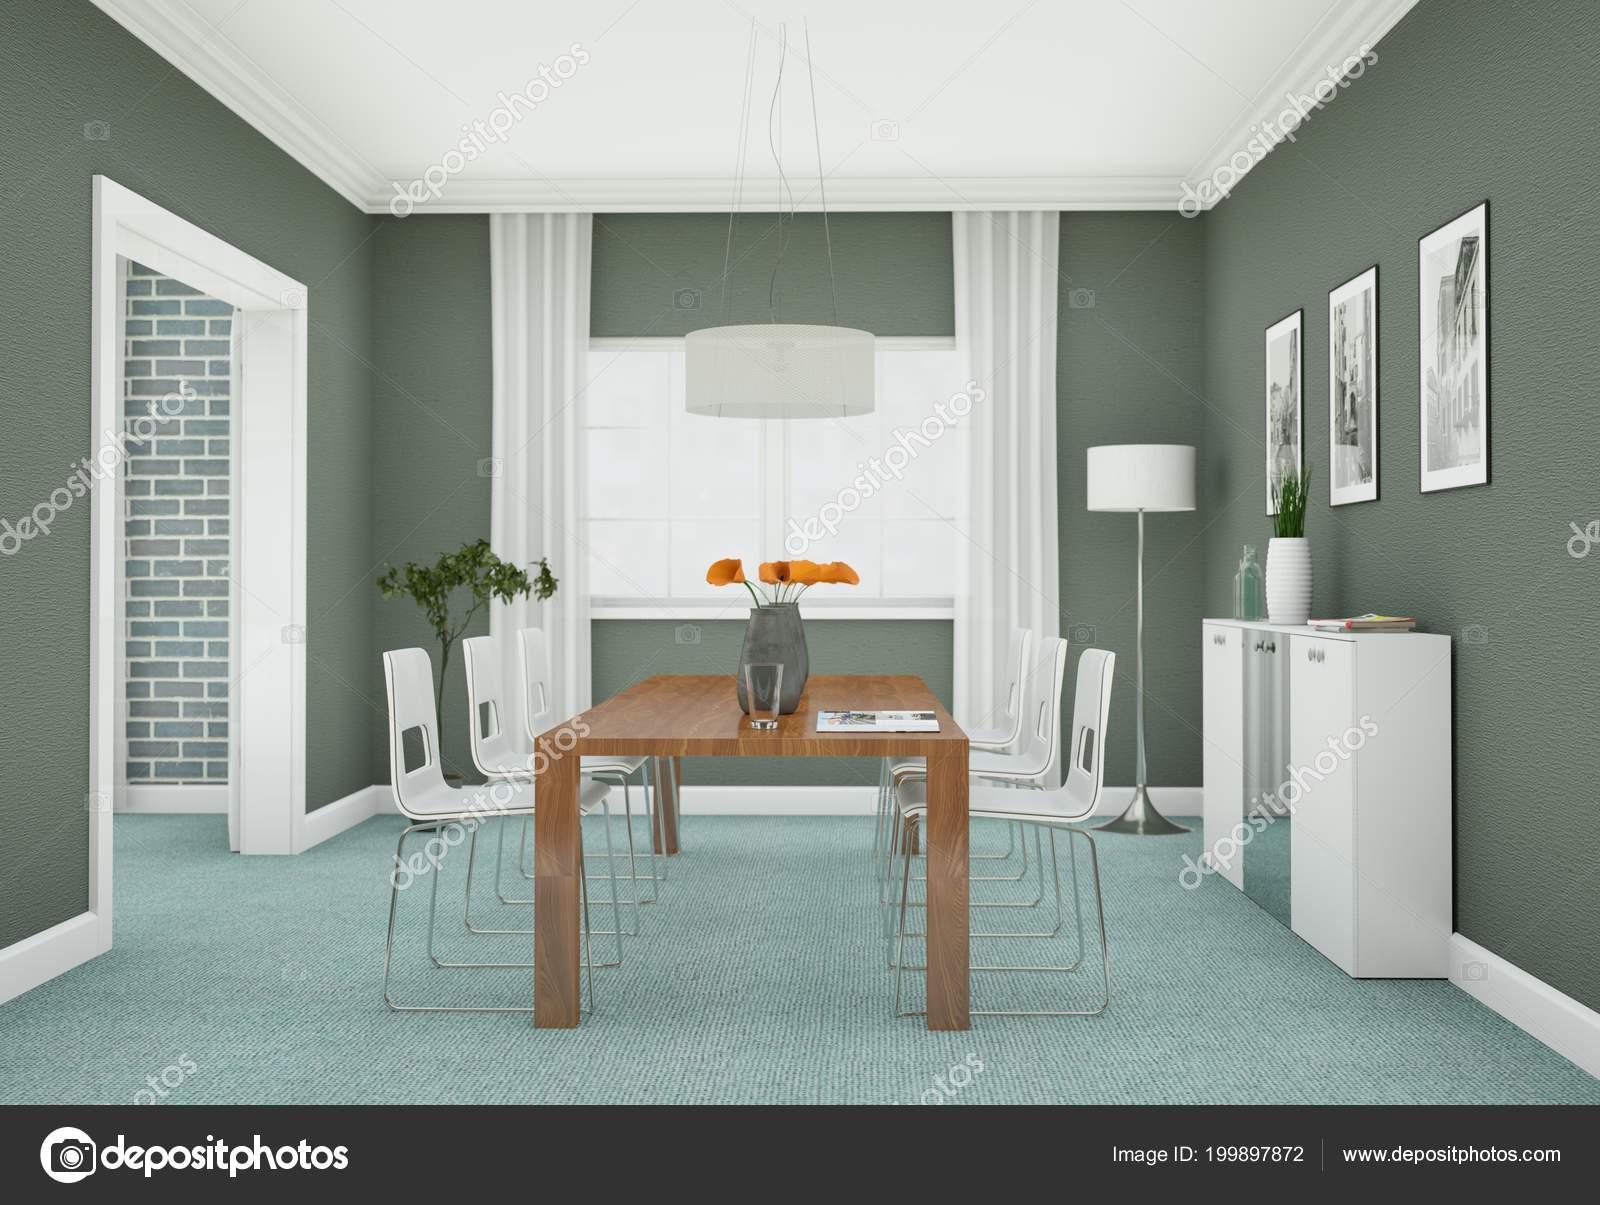 Agreable Salle à Manger Design Du0027intérieur En Appartement Moderne Illustration 3d U2014  Image De Virtua73